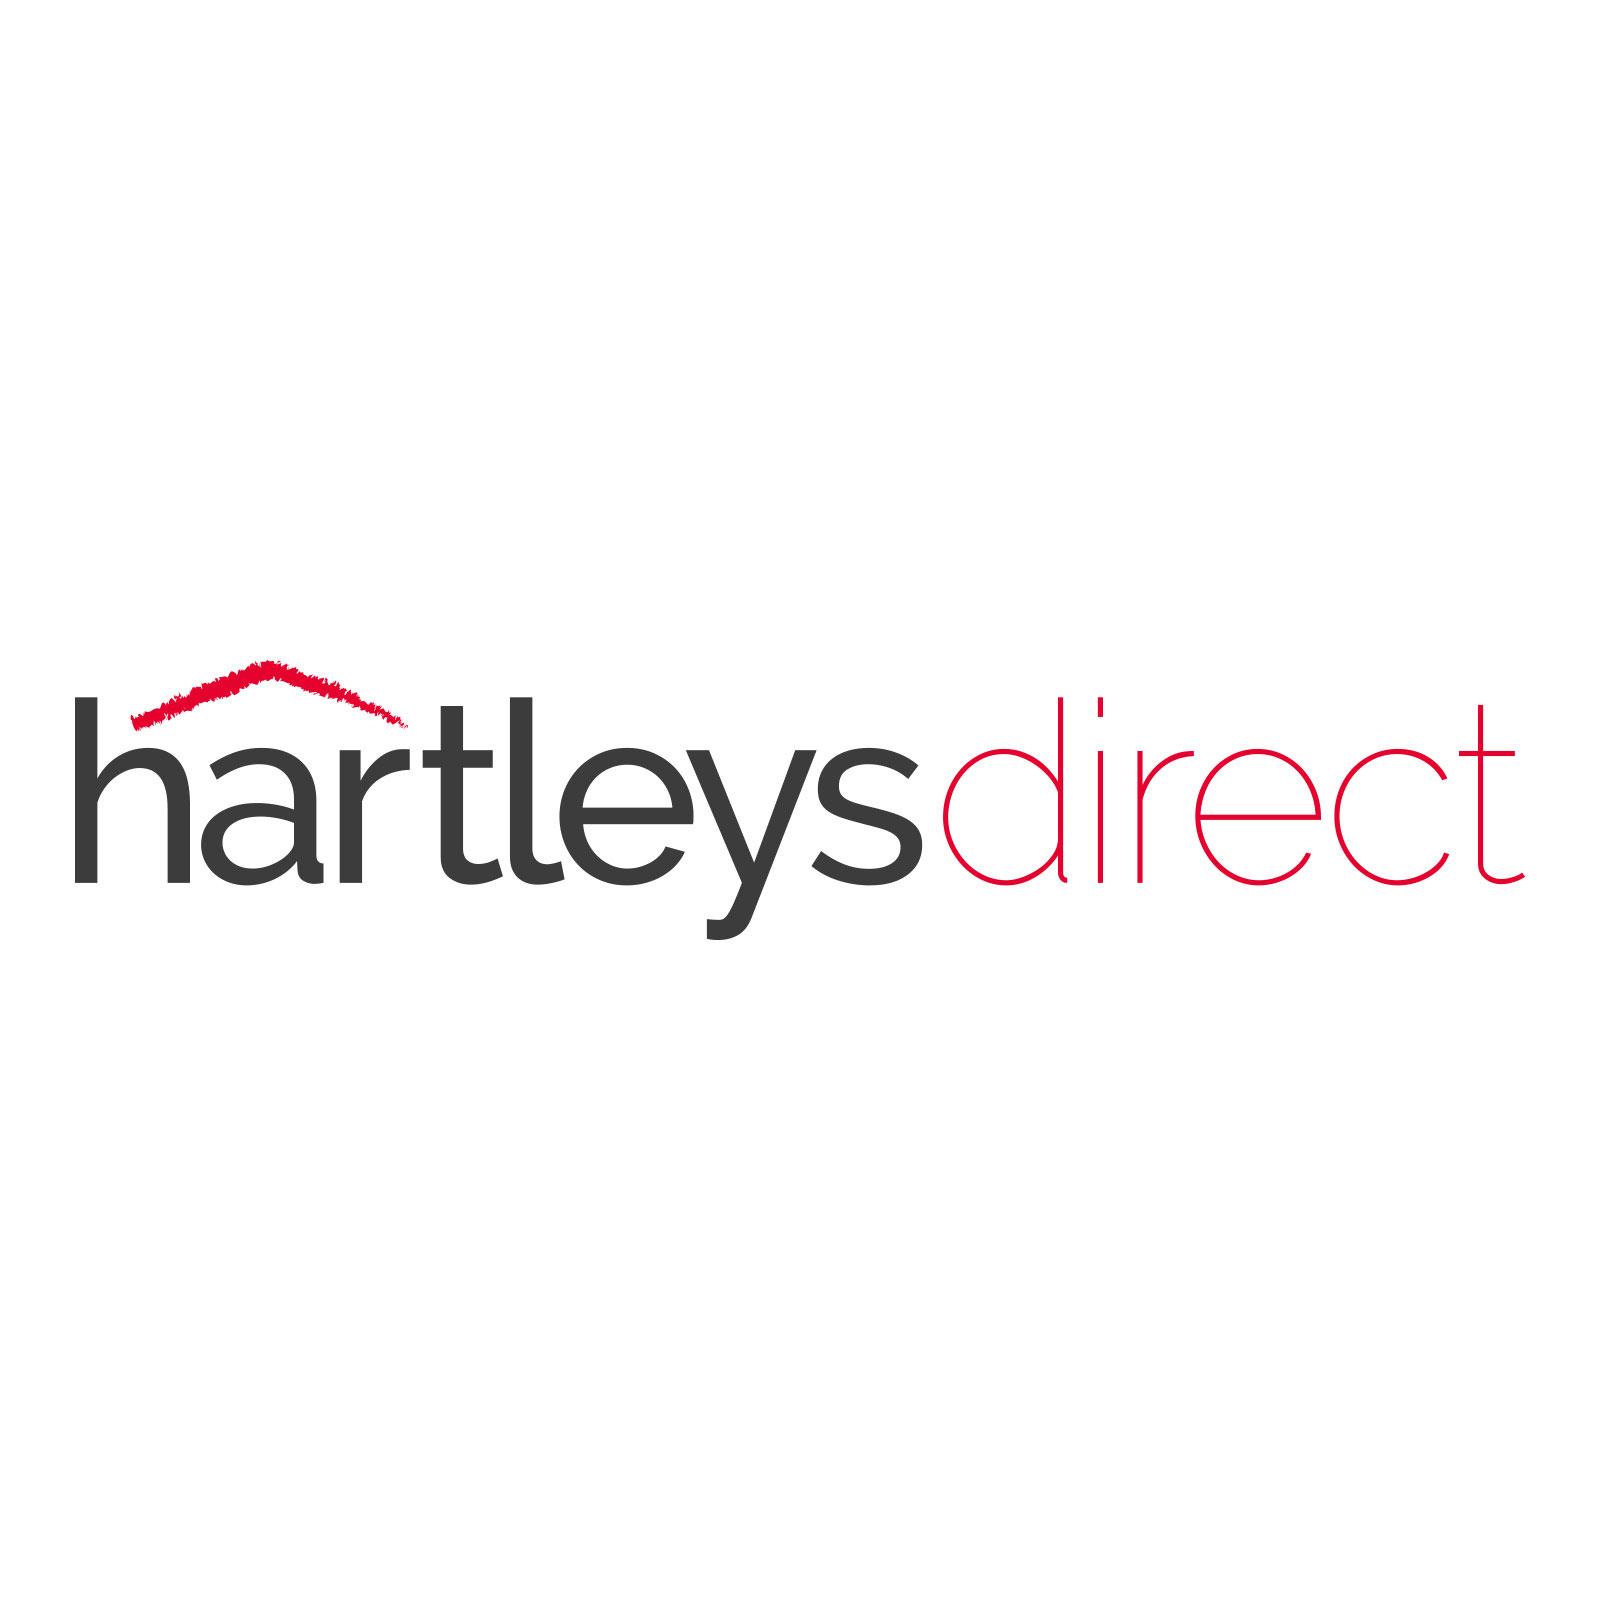 Hartleys-Solid-Room-Divider-on-White-Background.jpg